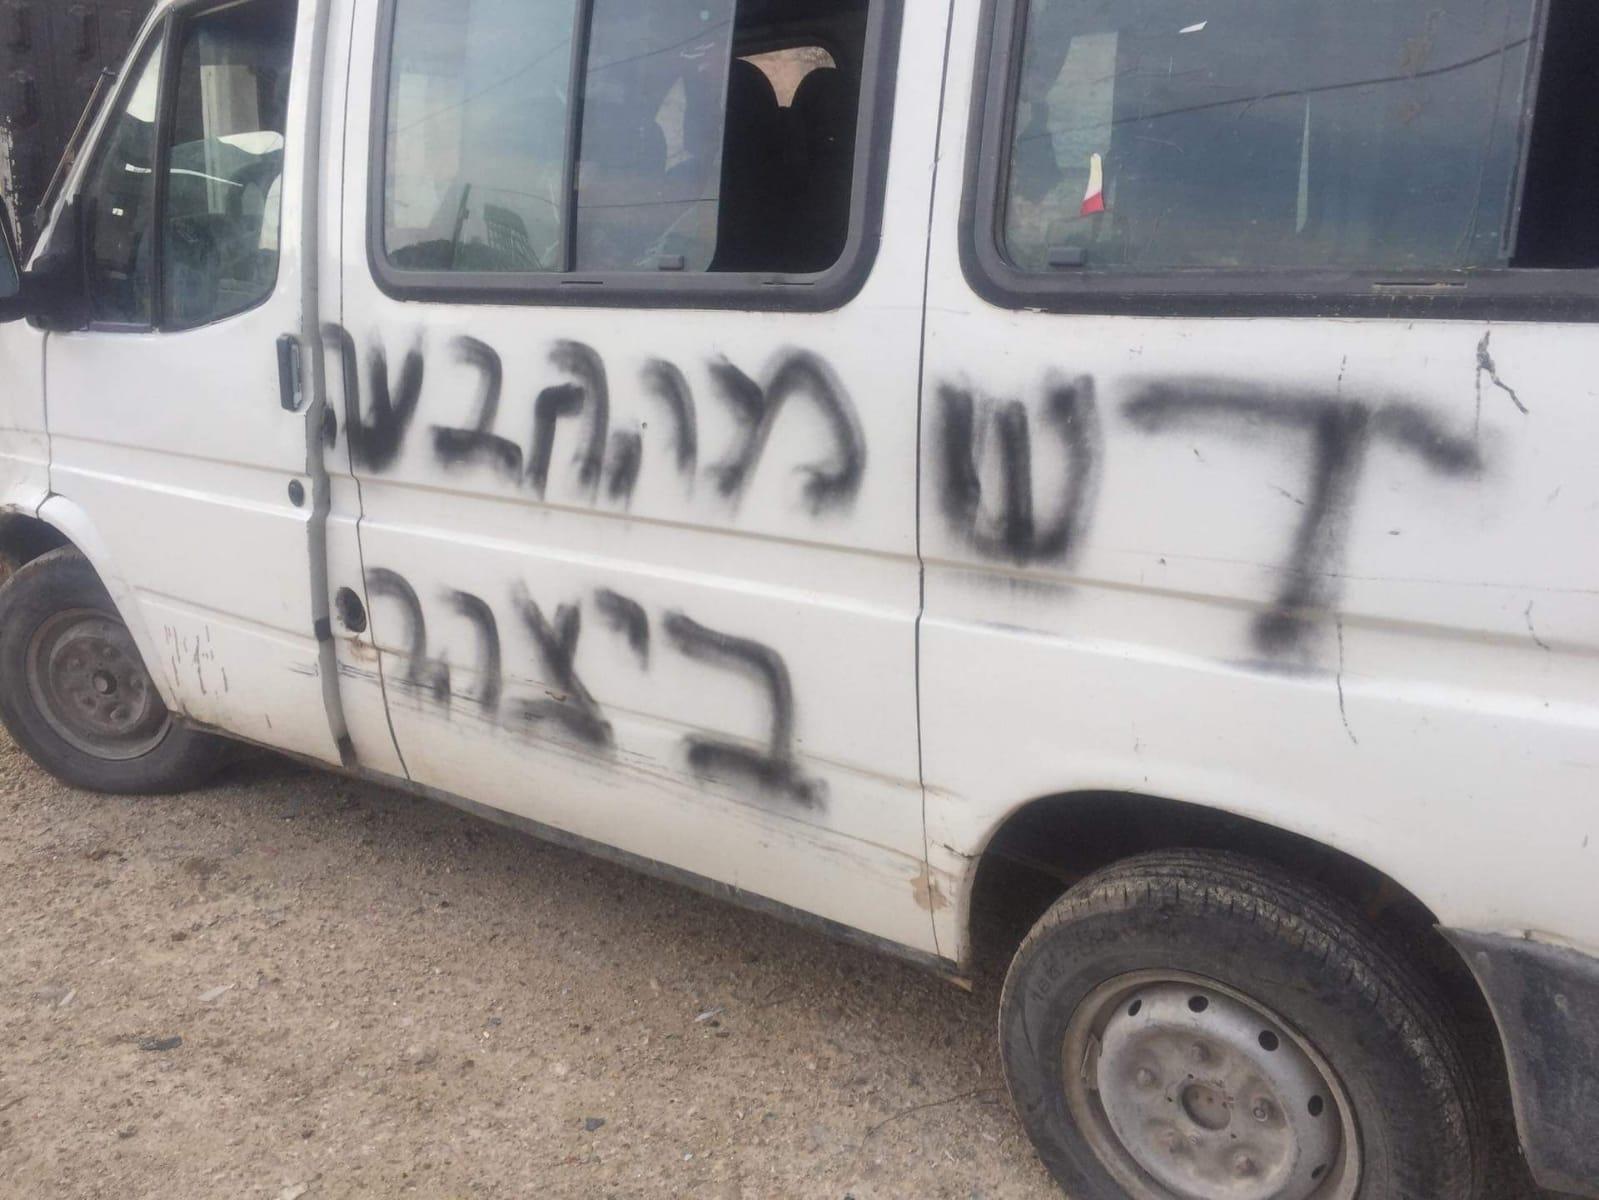 اعتداءات المستوطنين: إعطاب مركبات وشعارات عنصرية وطقوس تلمودية بالضفة